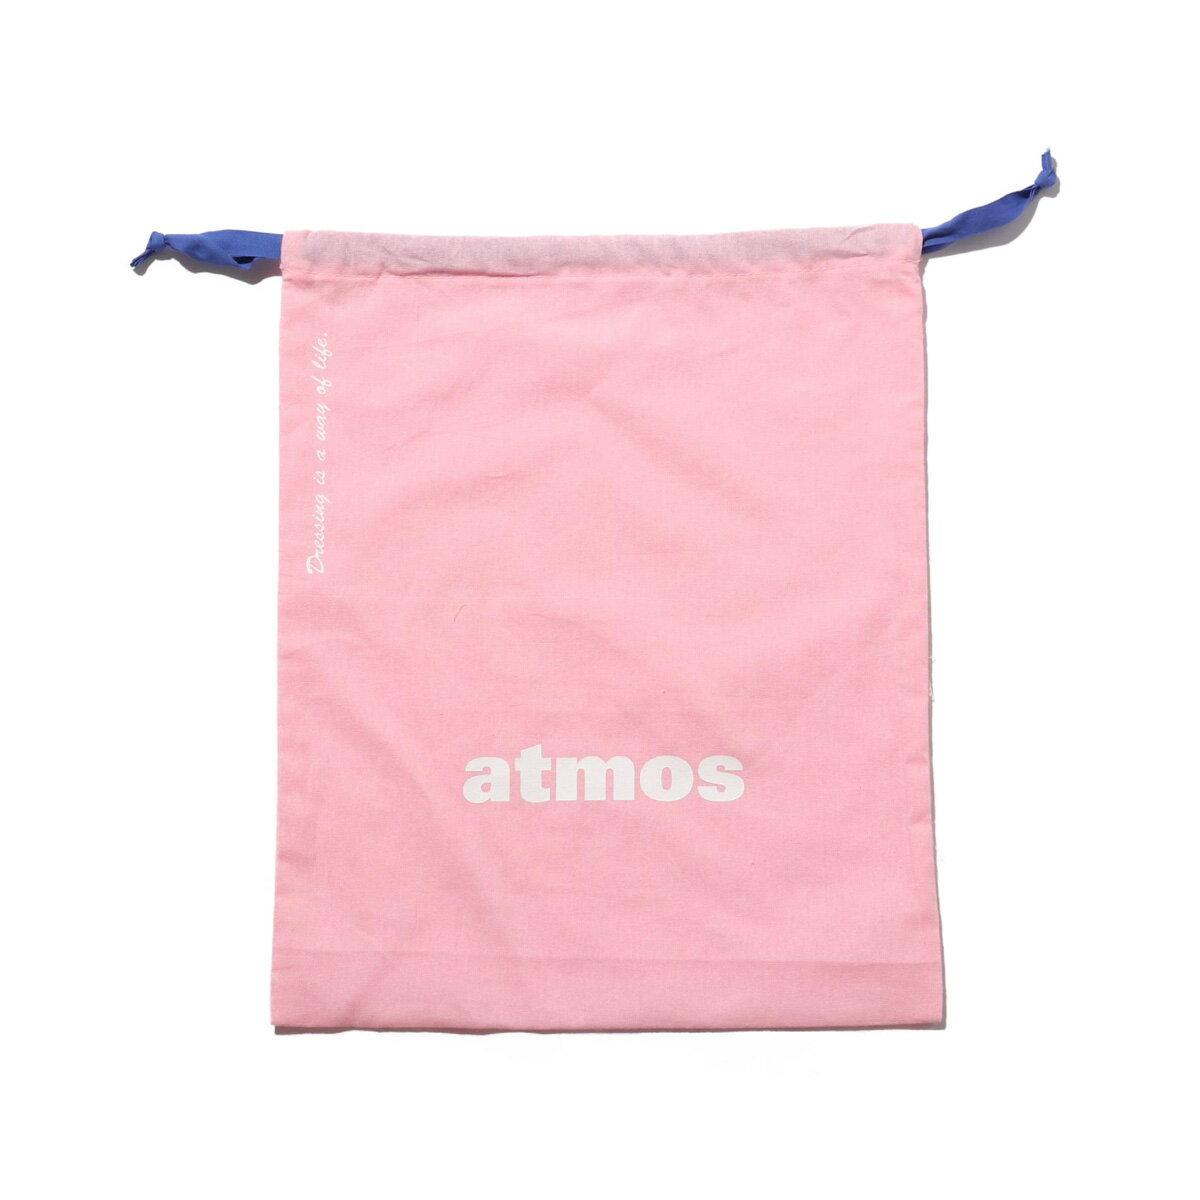 ギフトラッピング用品, 袋・ギフトバッグ atmos pink Gift Wrapping Bag( )PINK 18FA-I